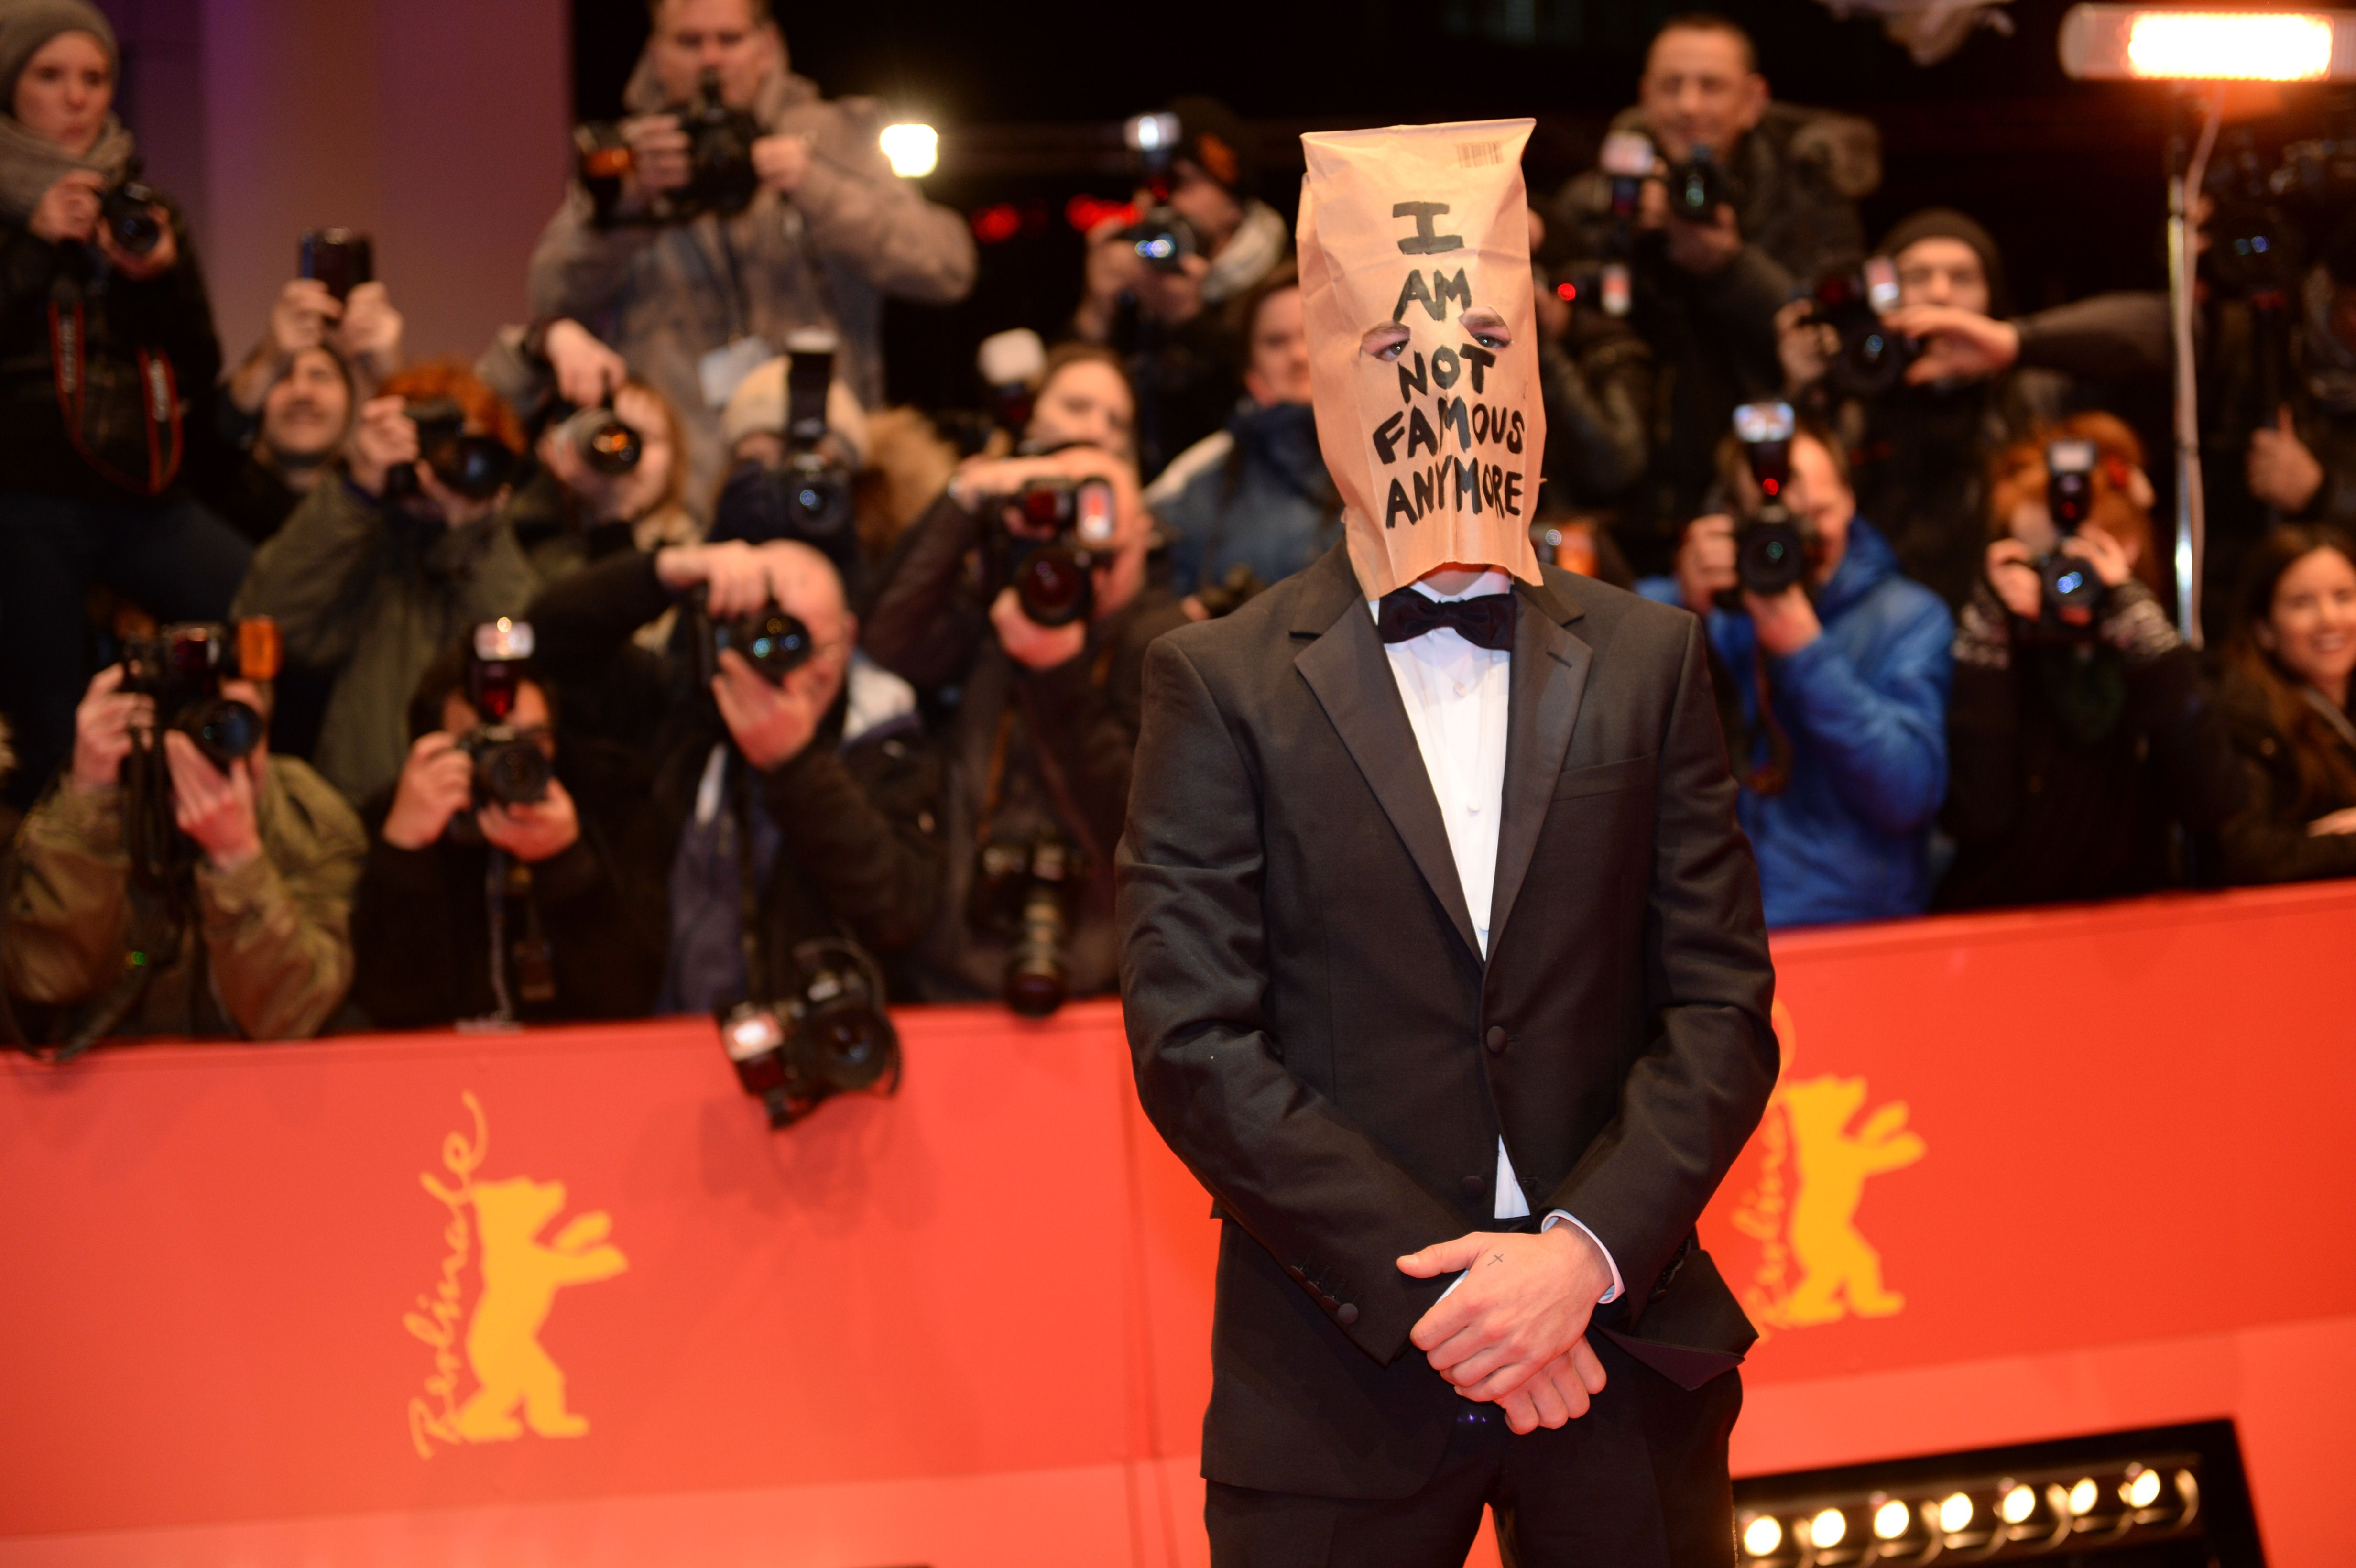 sa a venit actorul la prezentarea primei parti a filmului Nymphomaniac